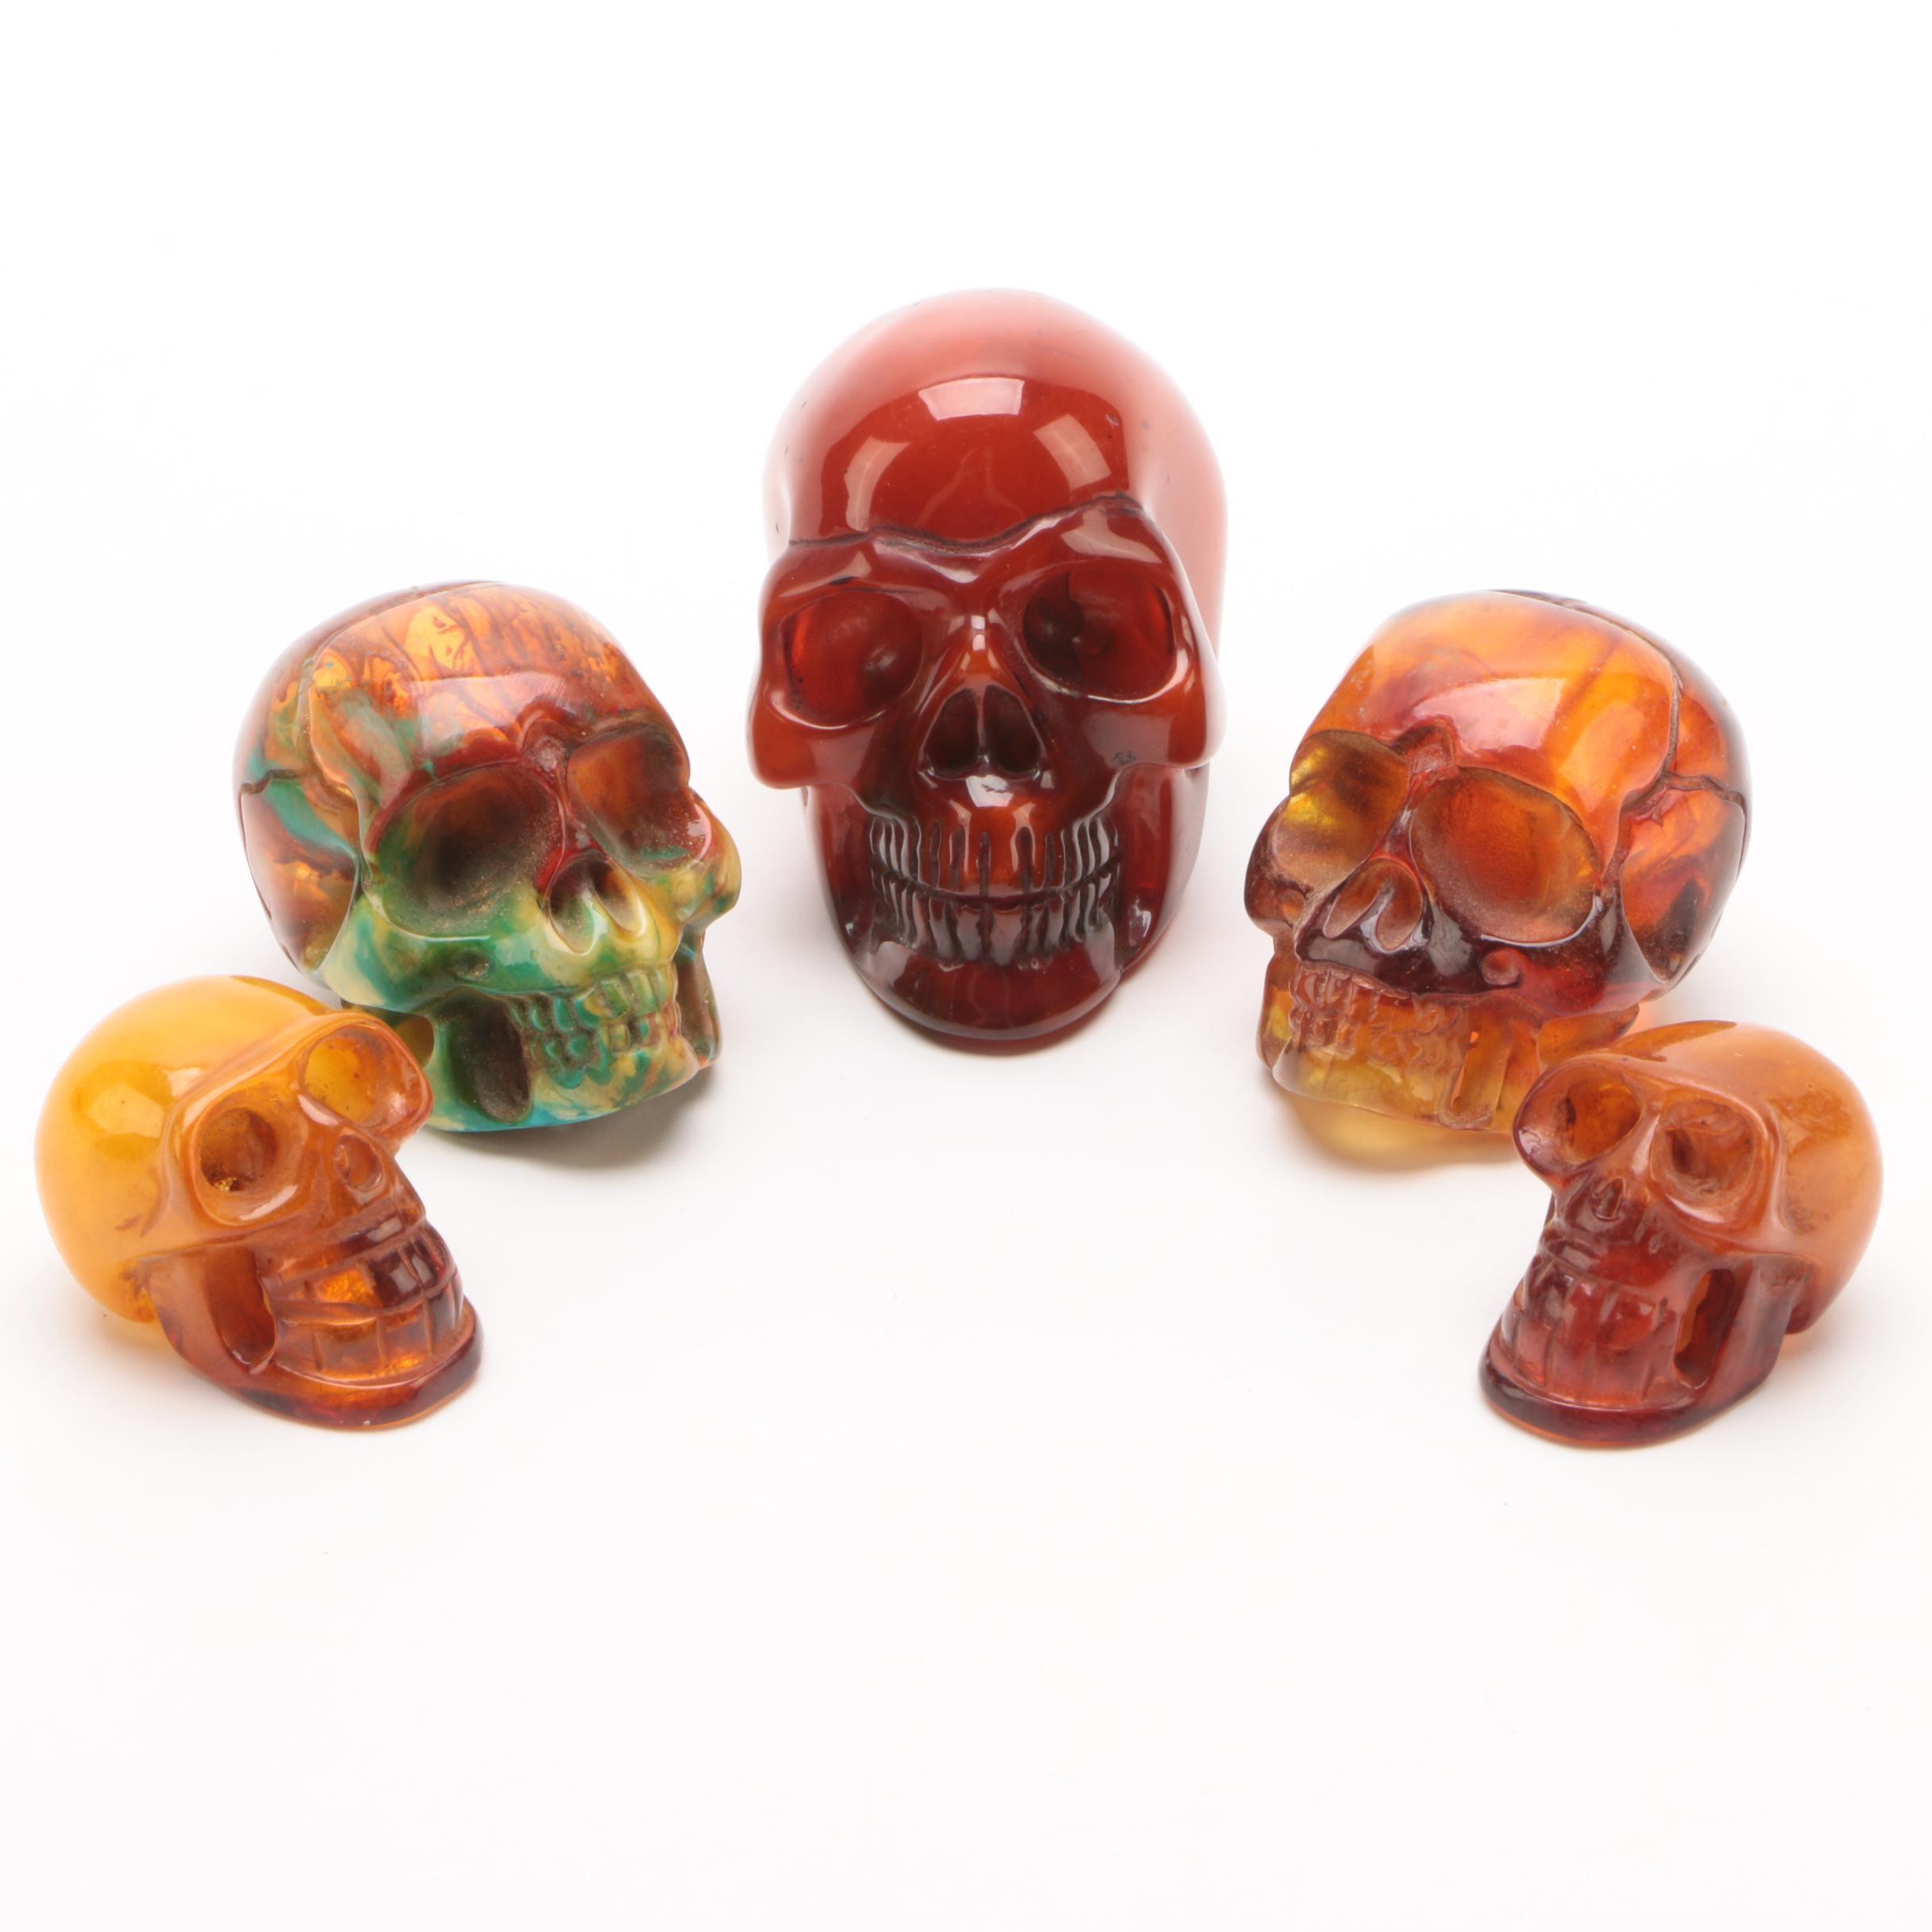 Miniature Cast Resin Skulls